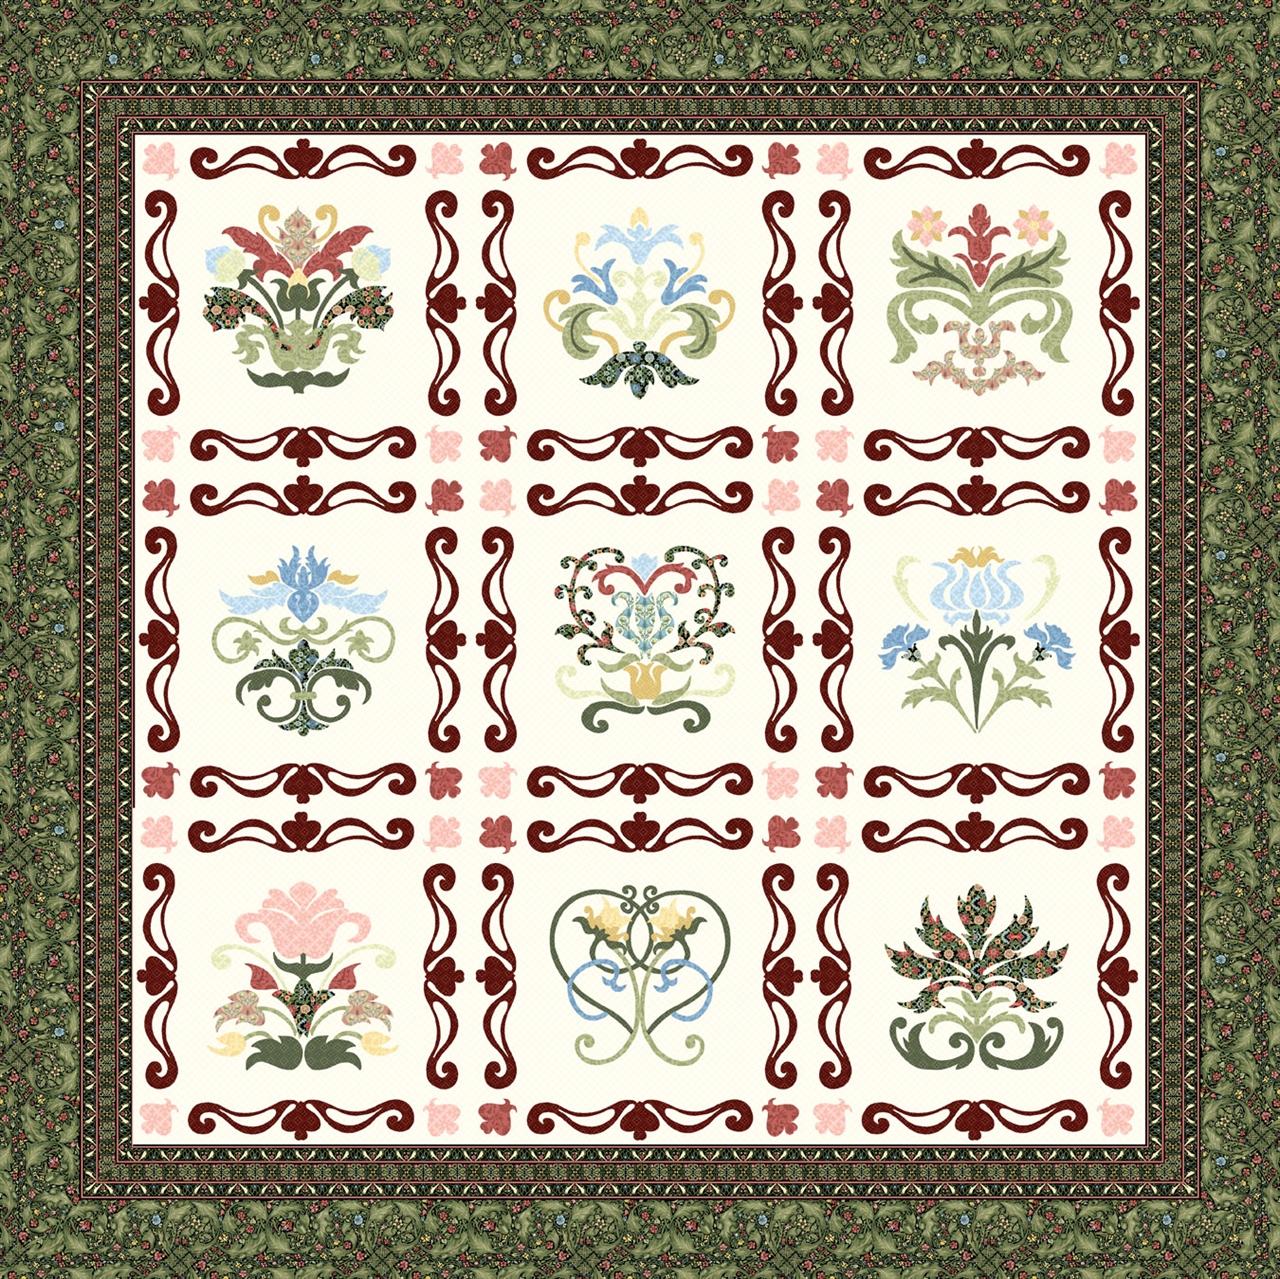 Pattern Adelaide Floral Sampler